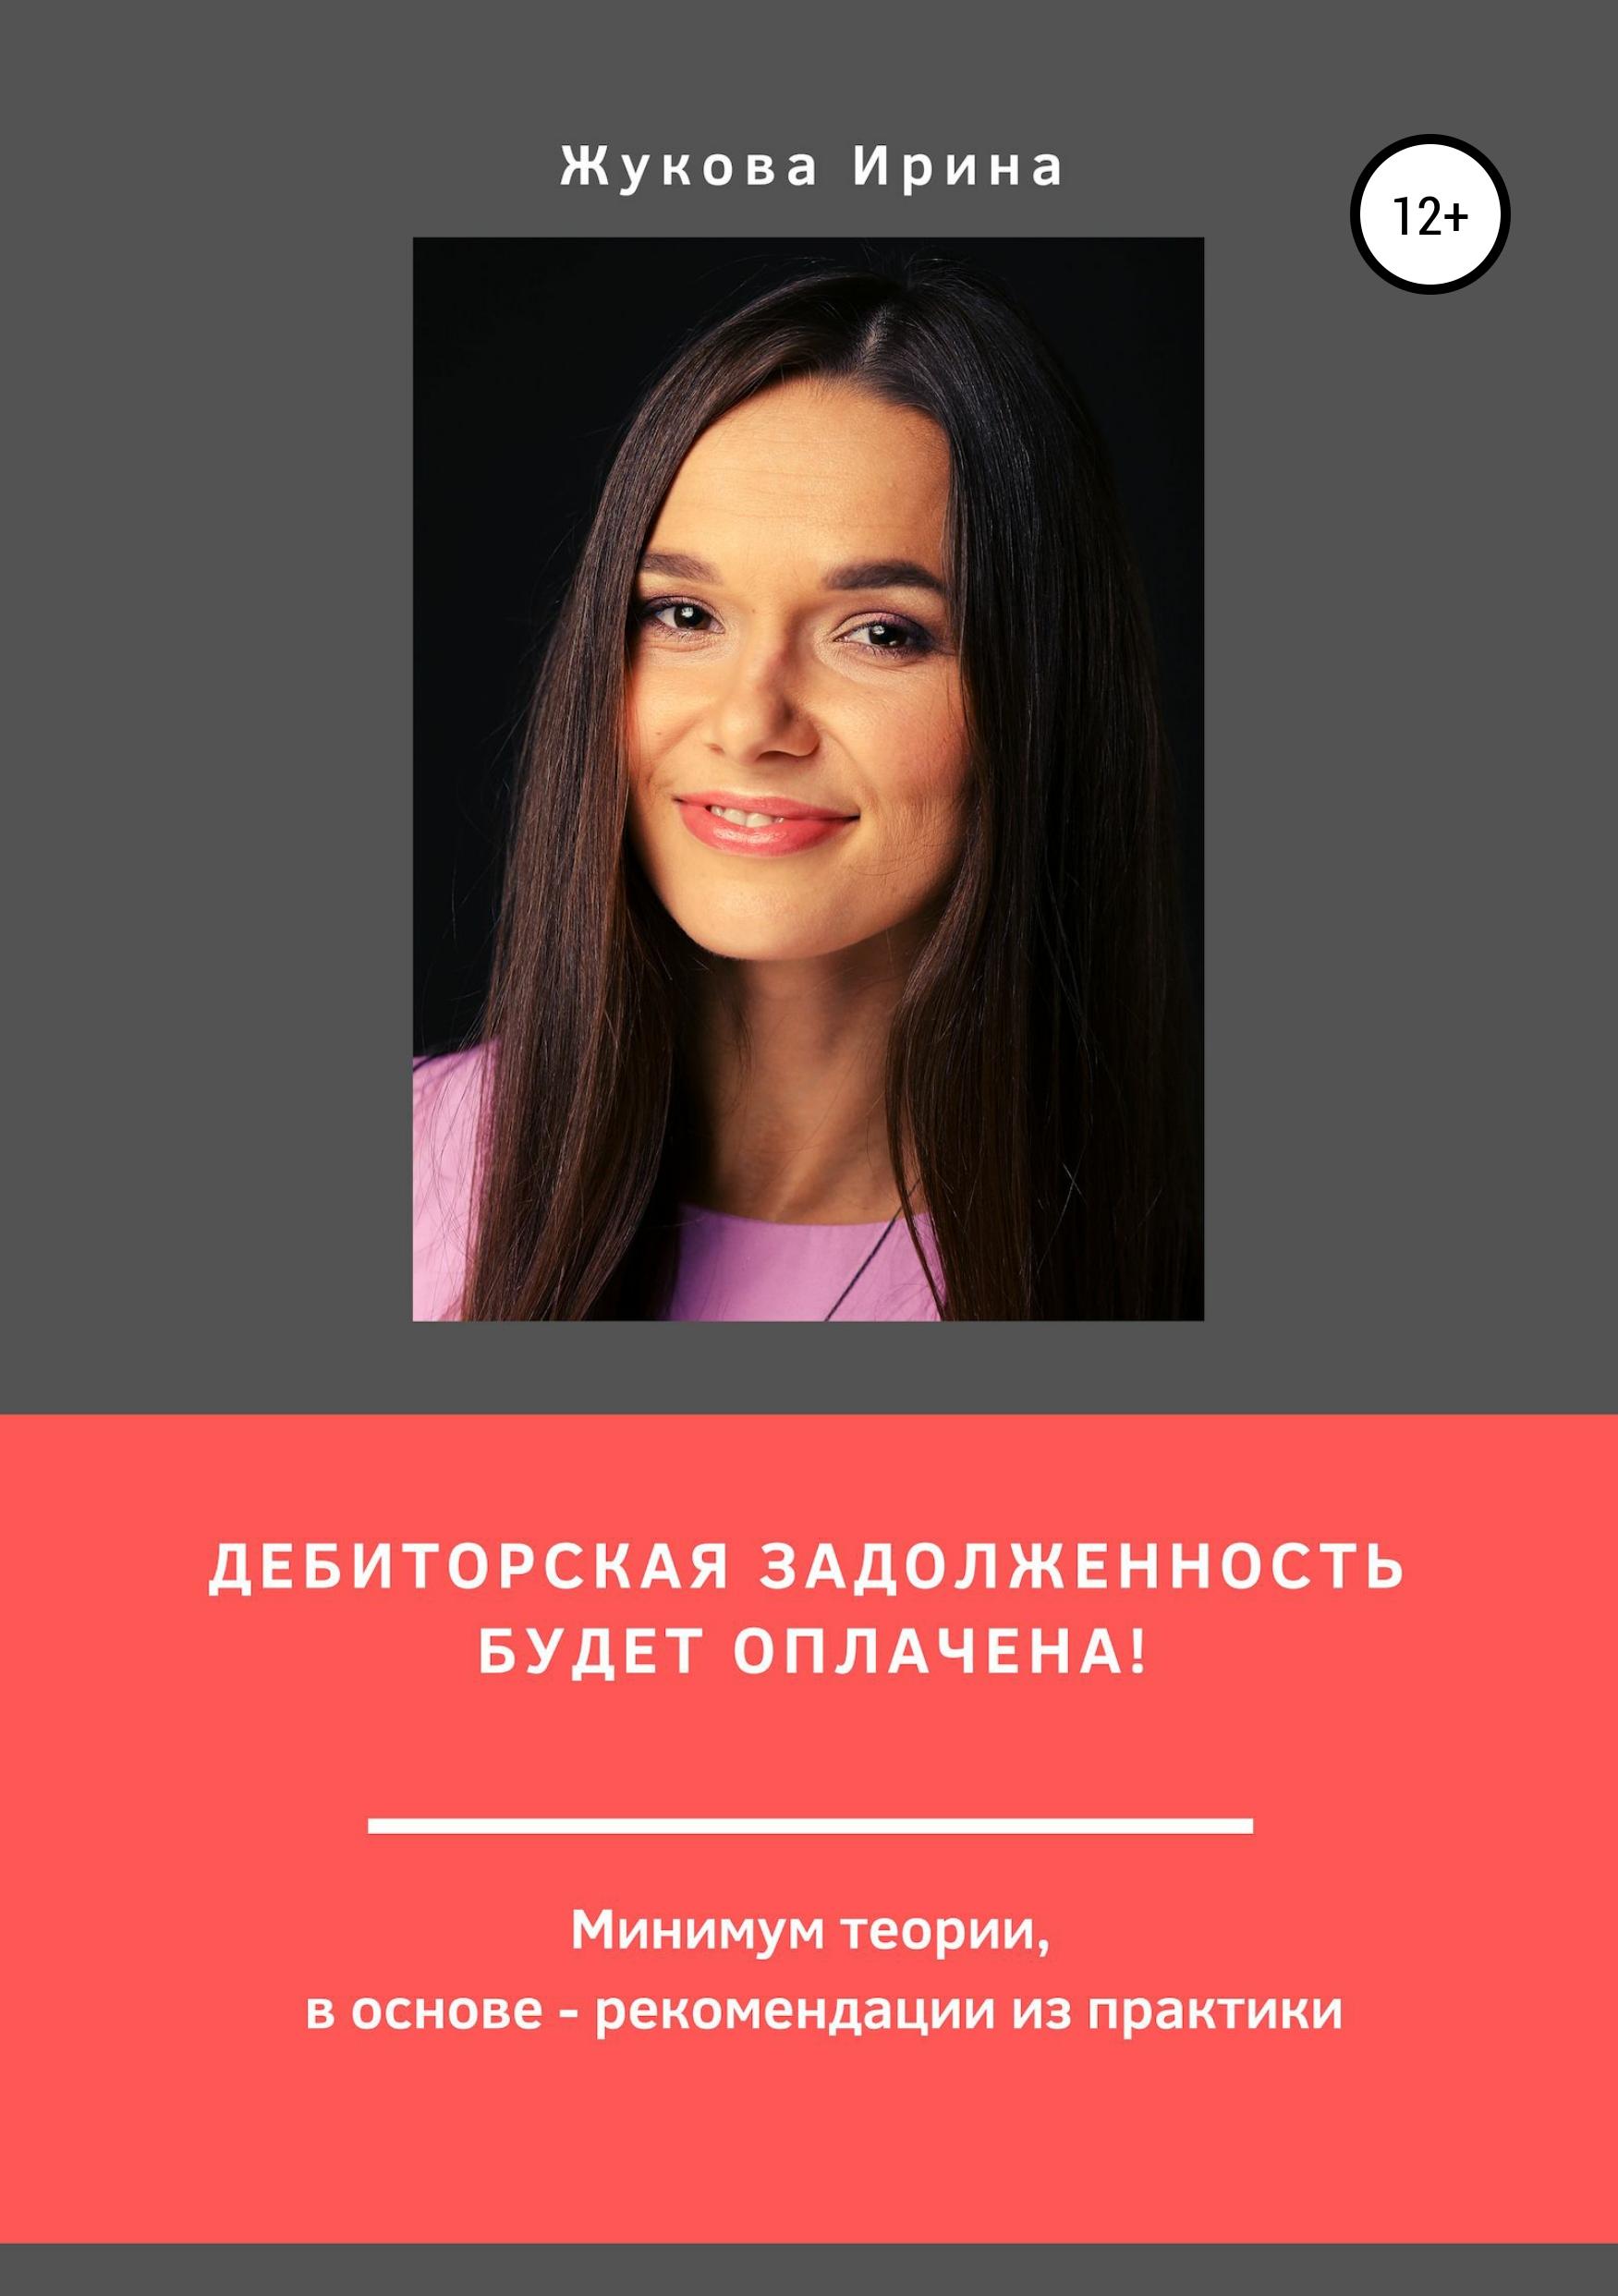 Обложка книги. Автор - Ирина Жукова